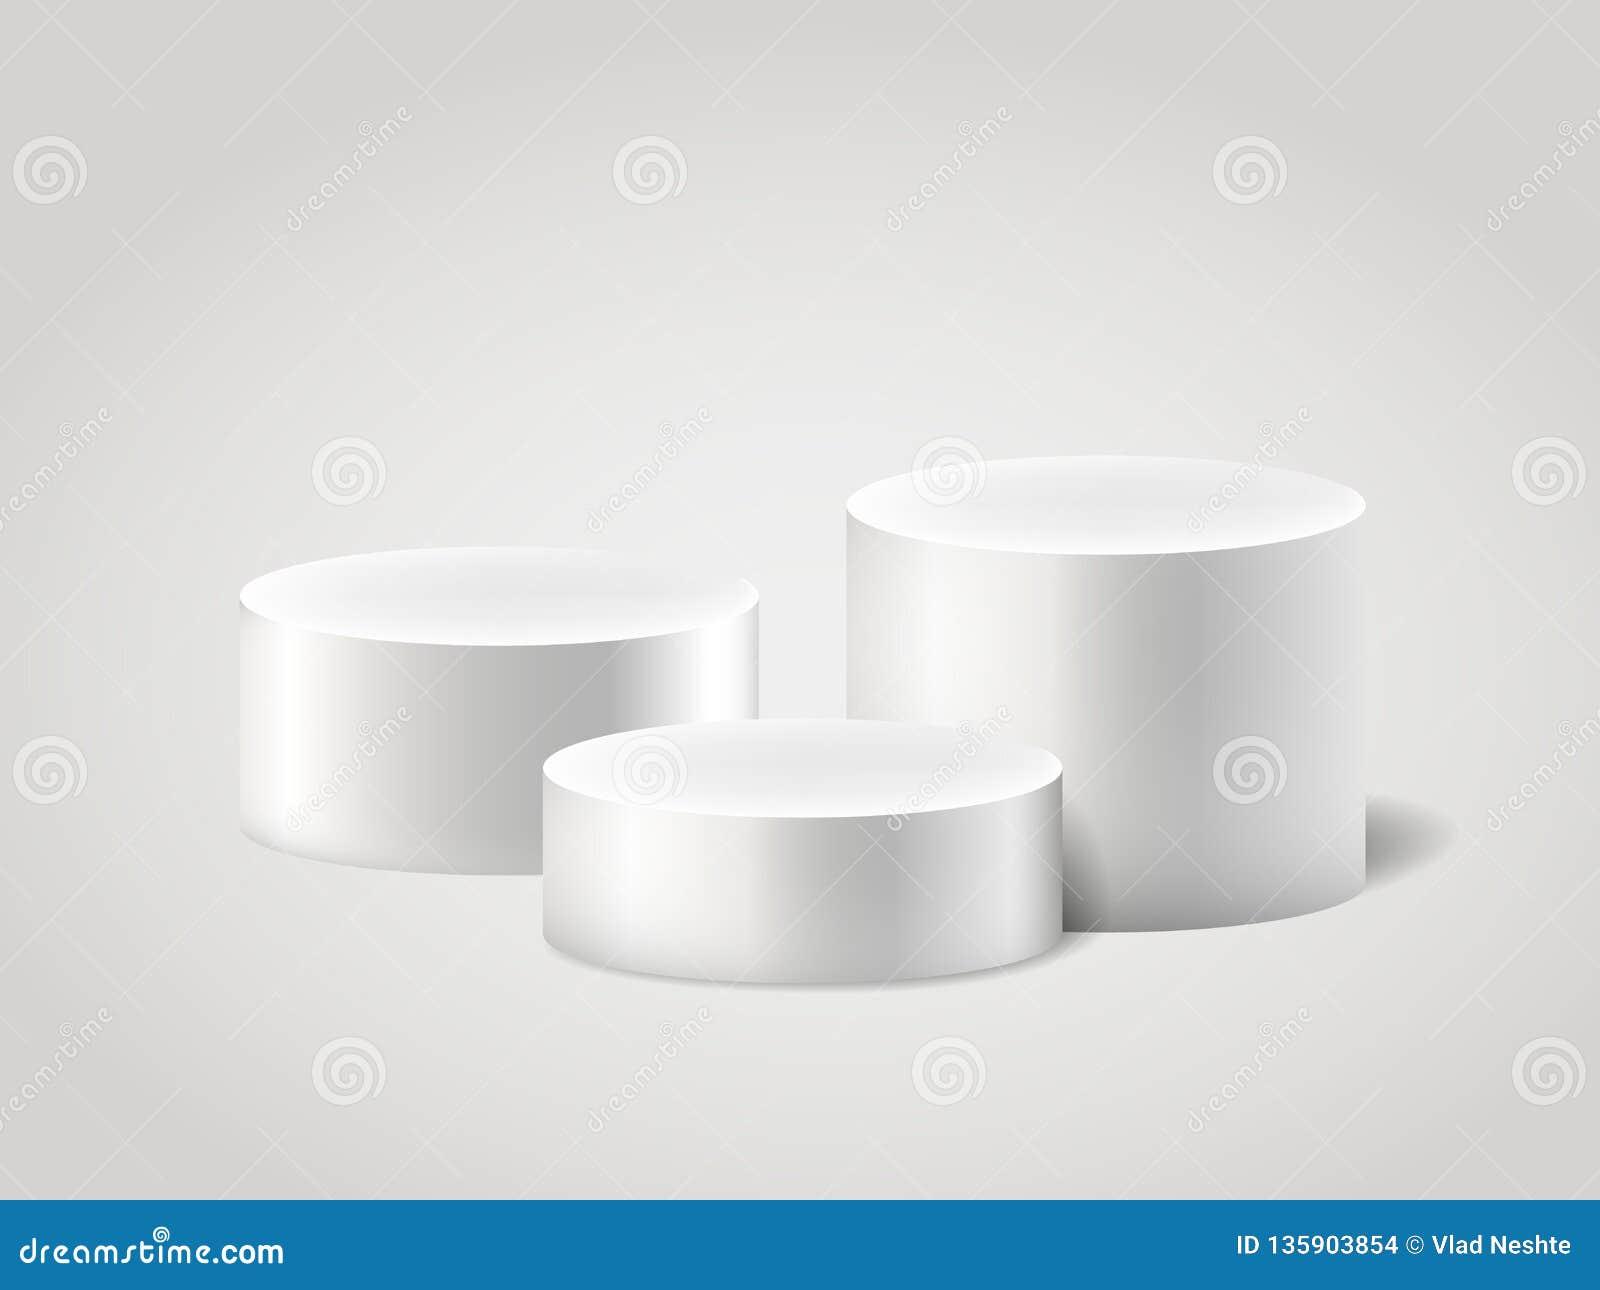 Άσπρα ρεαλιστικά ylinder και βάθρο, κενή στάση σκηνής τρισδιάστατο διανυσματικό σύνολο κυλίνδρων Εγκύκλιος κύκλων, εξεδρών και στ